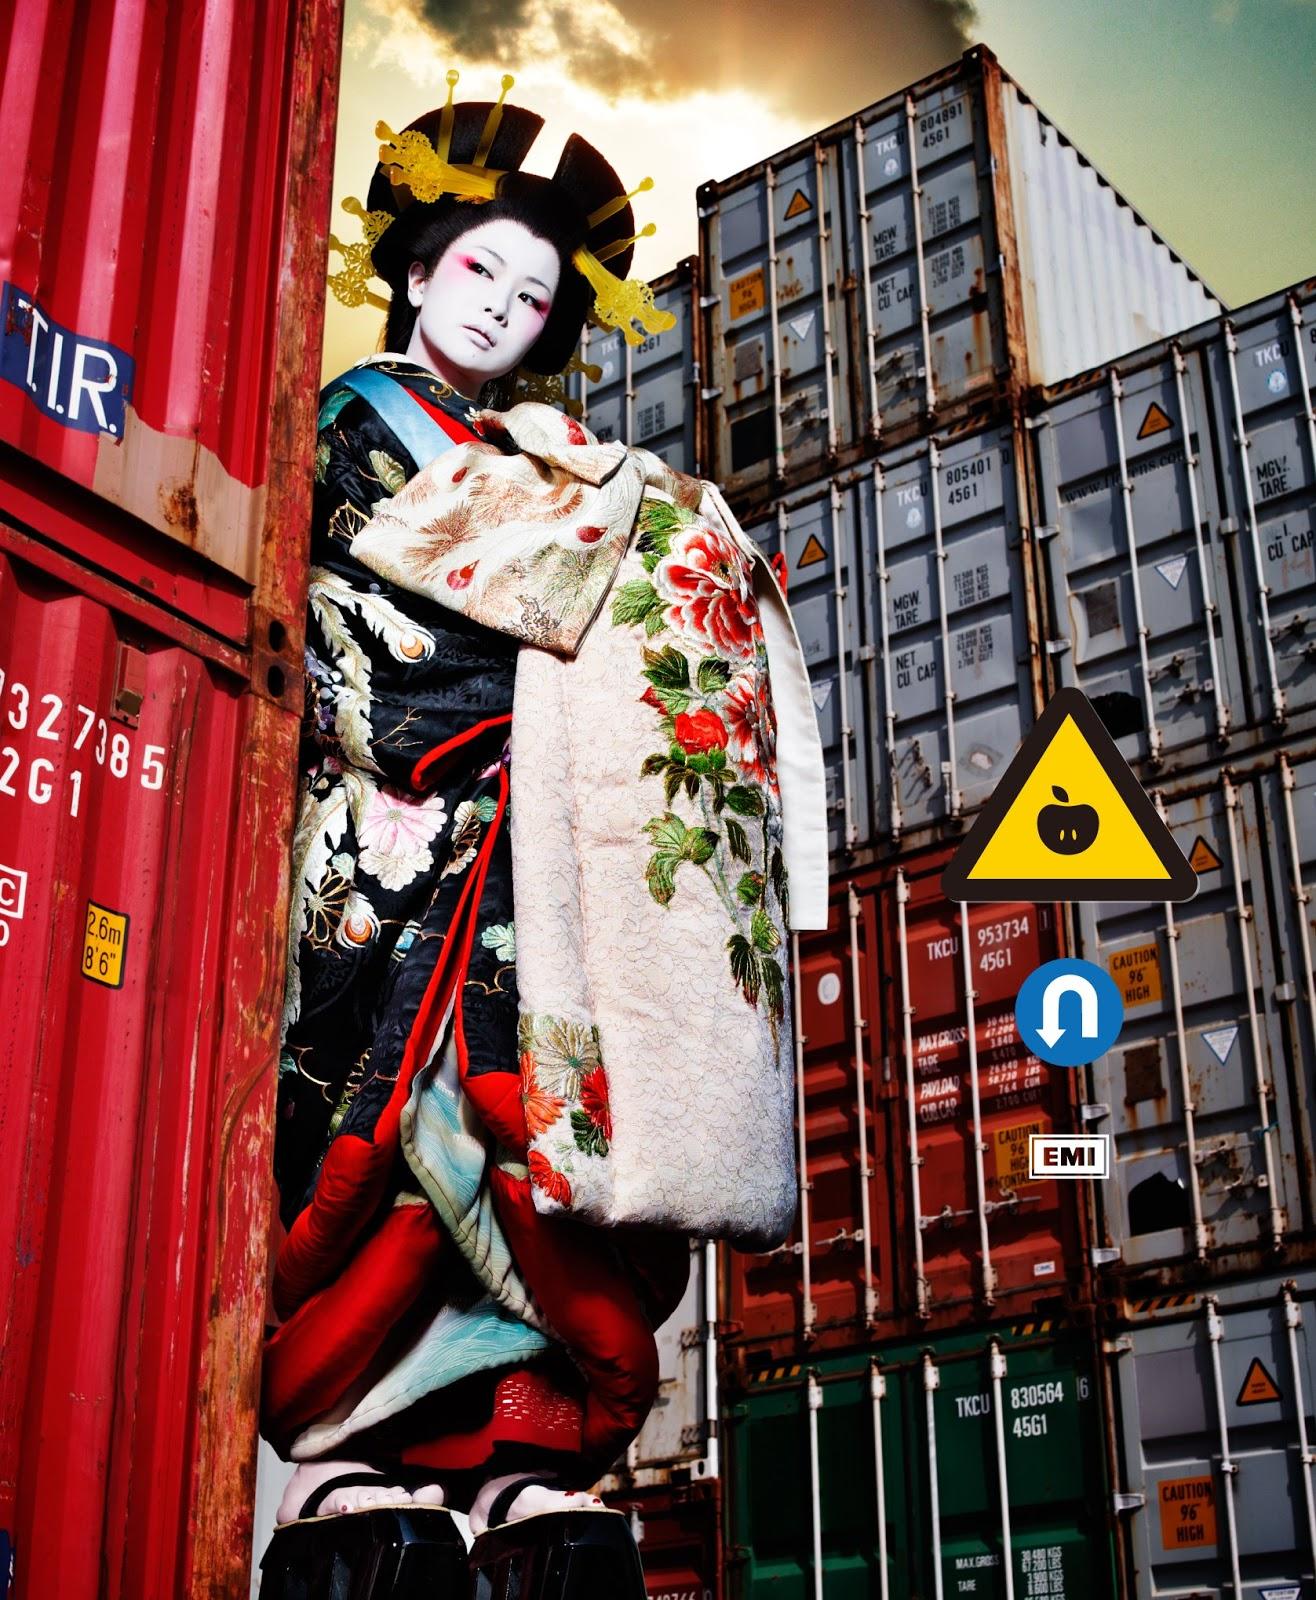 Sheena Ringo - Gyakuyunyu Kowankyoku